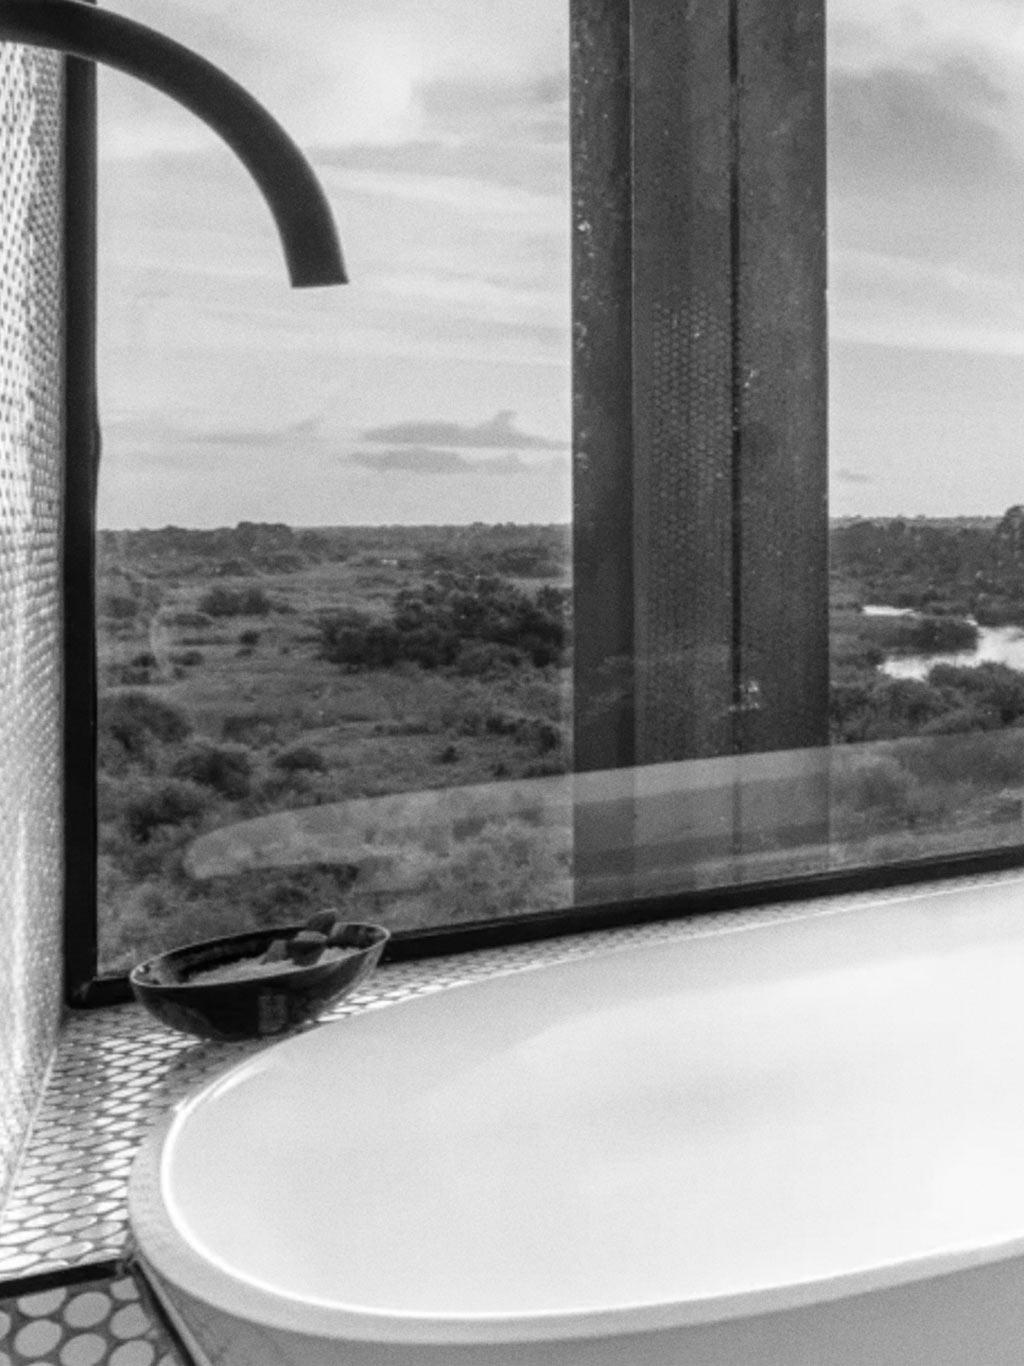 Kruger Shalati: The Train on the Bridge